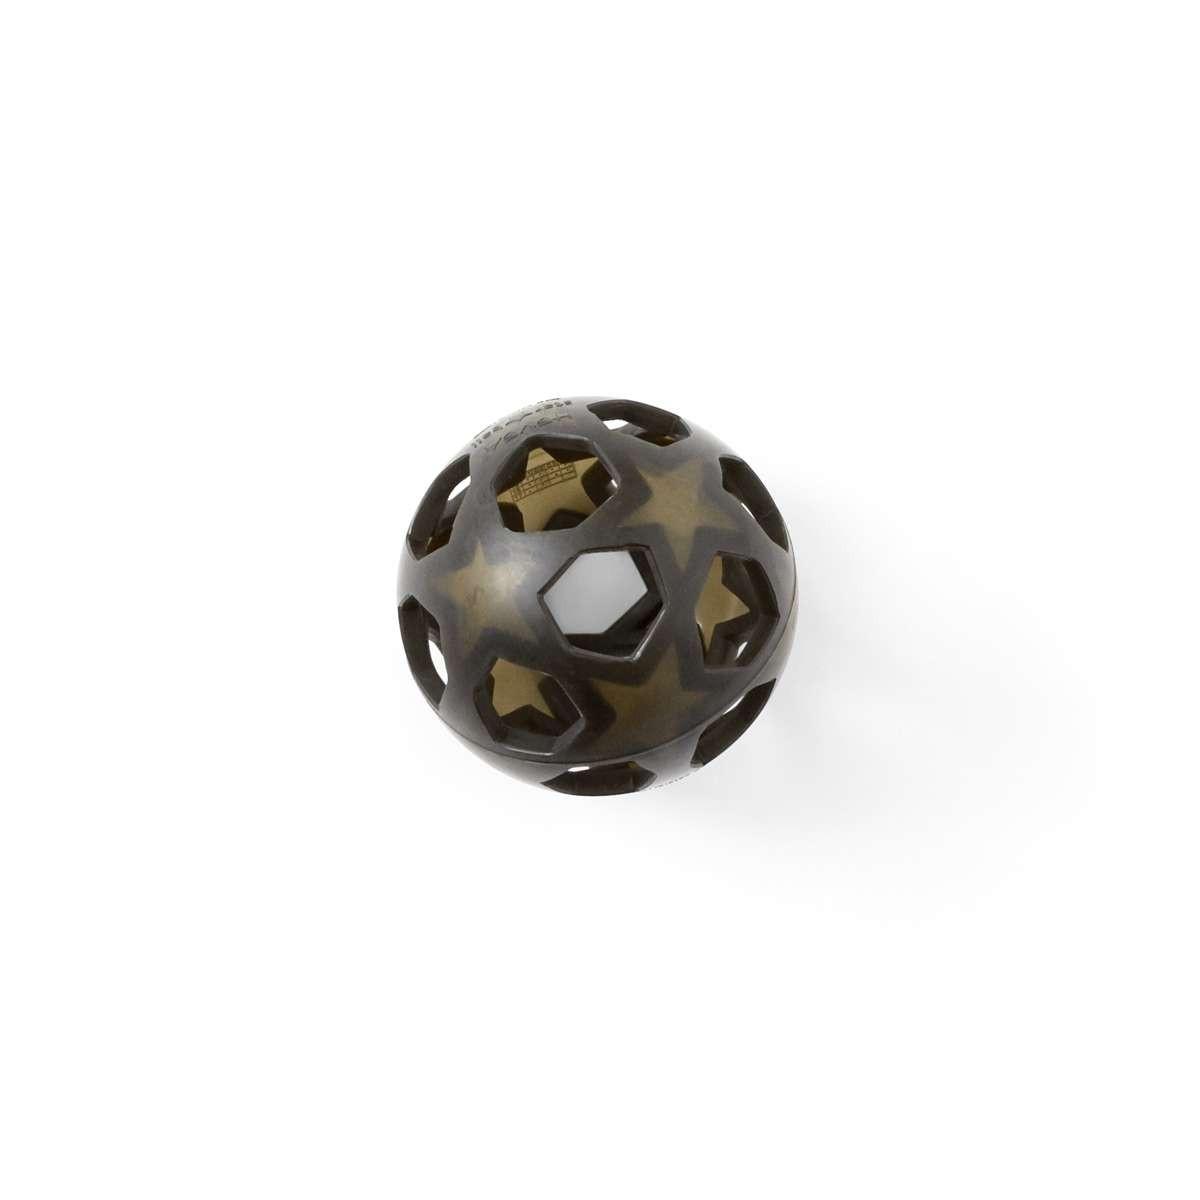 Hevea sort stjerne bold af naturgummi